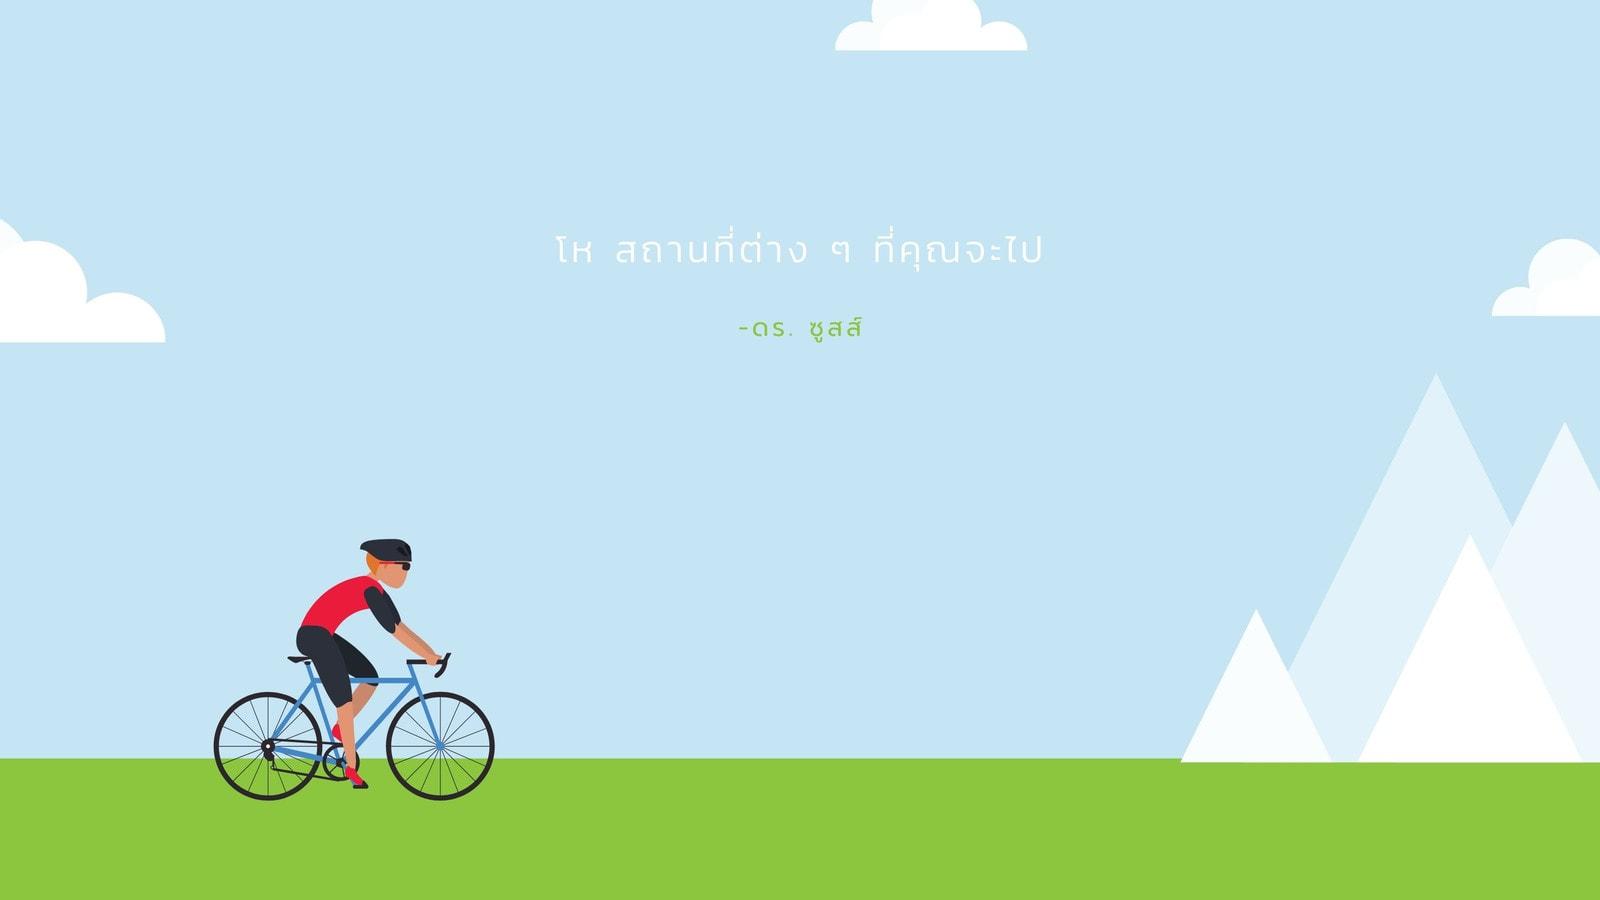 พื้นหลังเดสก์ทอป แนวสร้างสรรค์ นักปั่นจักรยาน สีน้ำเงินและสีเขียว